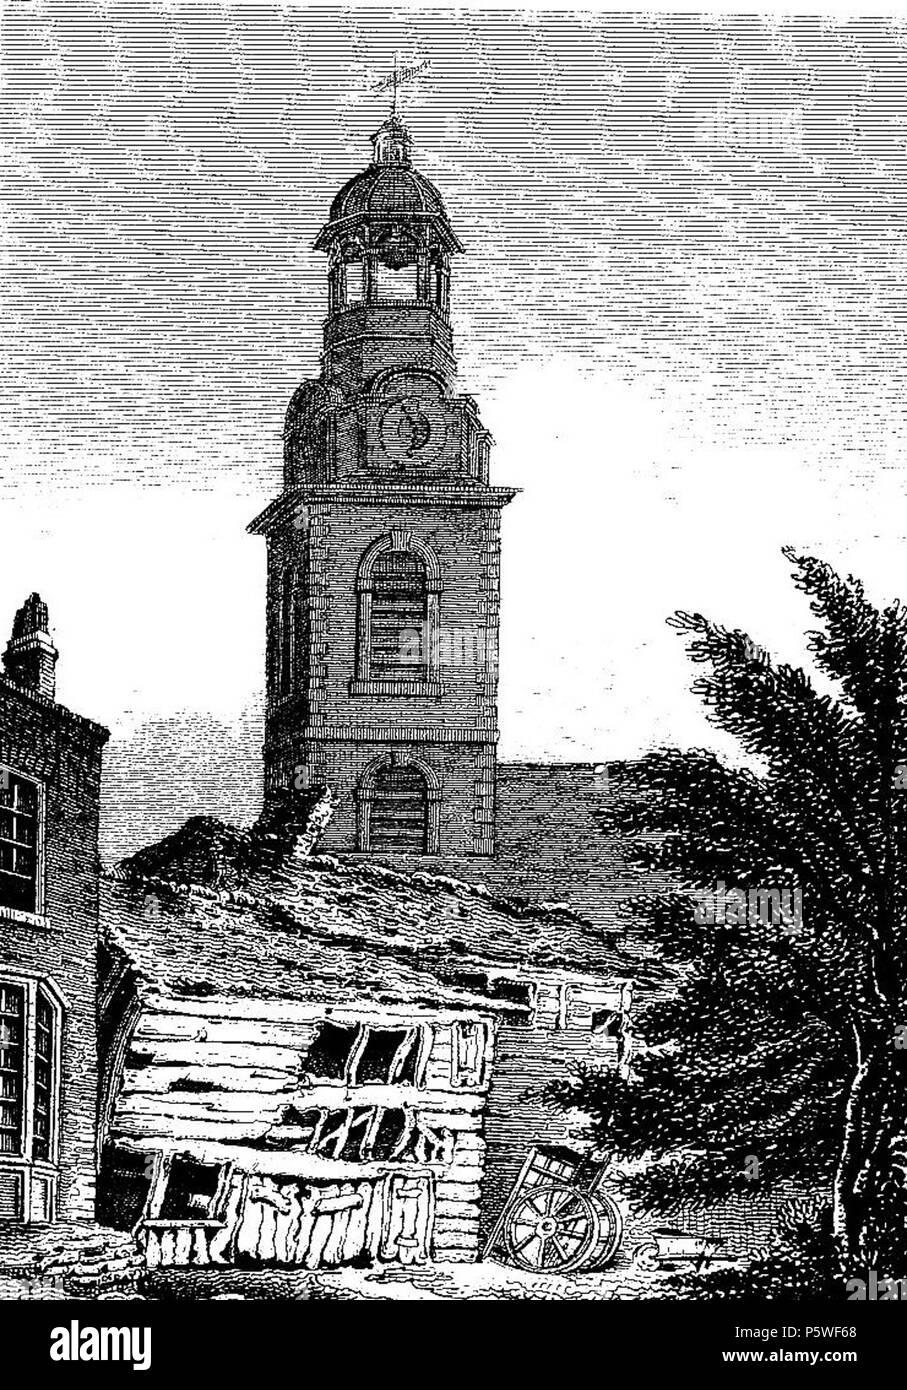 N/A. Inglese: La mia scansione del mio stampa di Cristo ch nel 1817 . La mia scansione 2008. Morì C xix secolo 343 la Chiesa di Cristo Southwark 1817 Immagini Stock